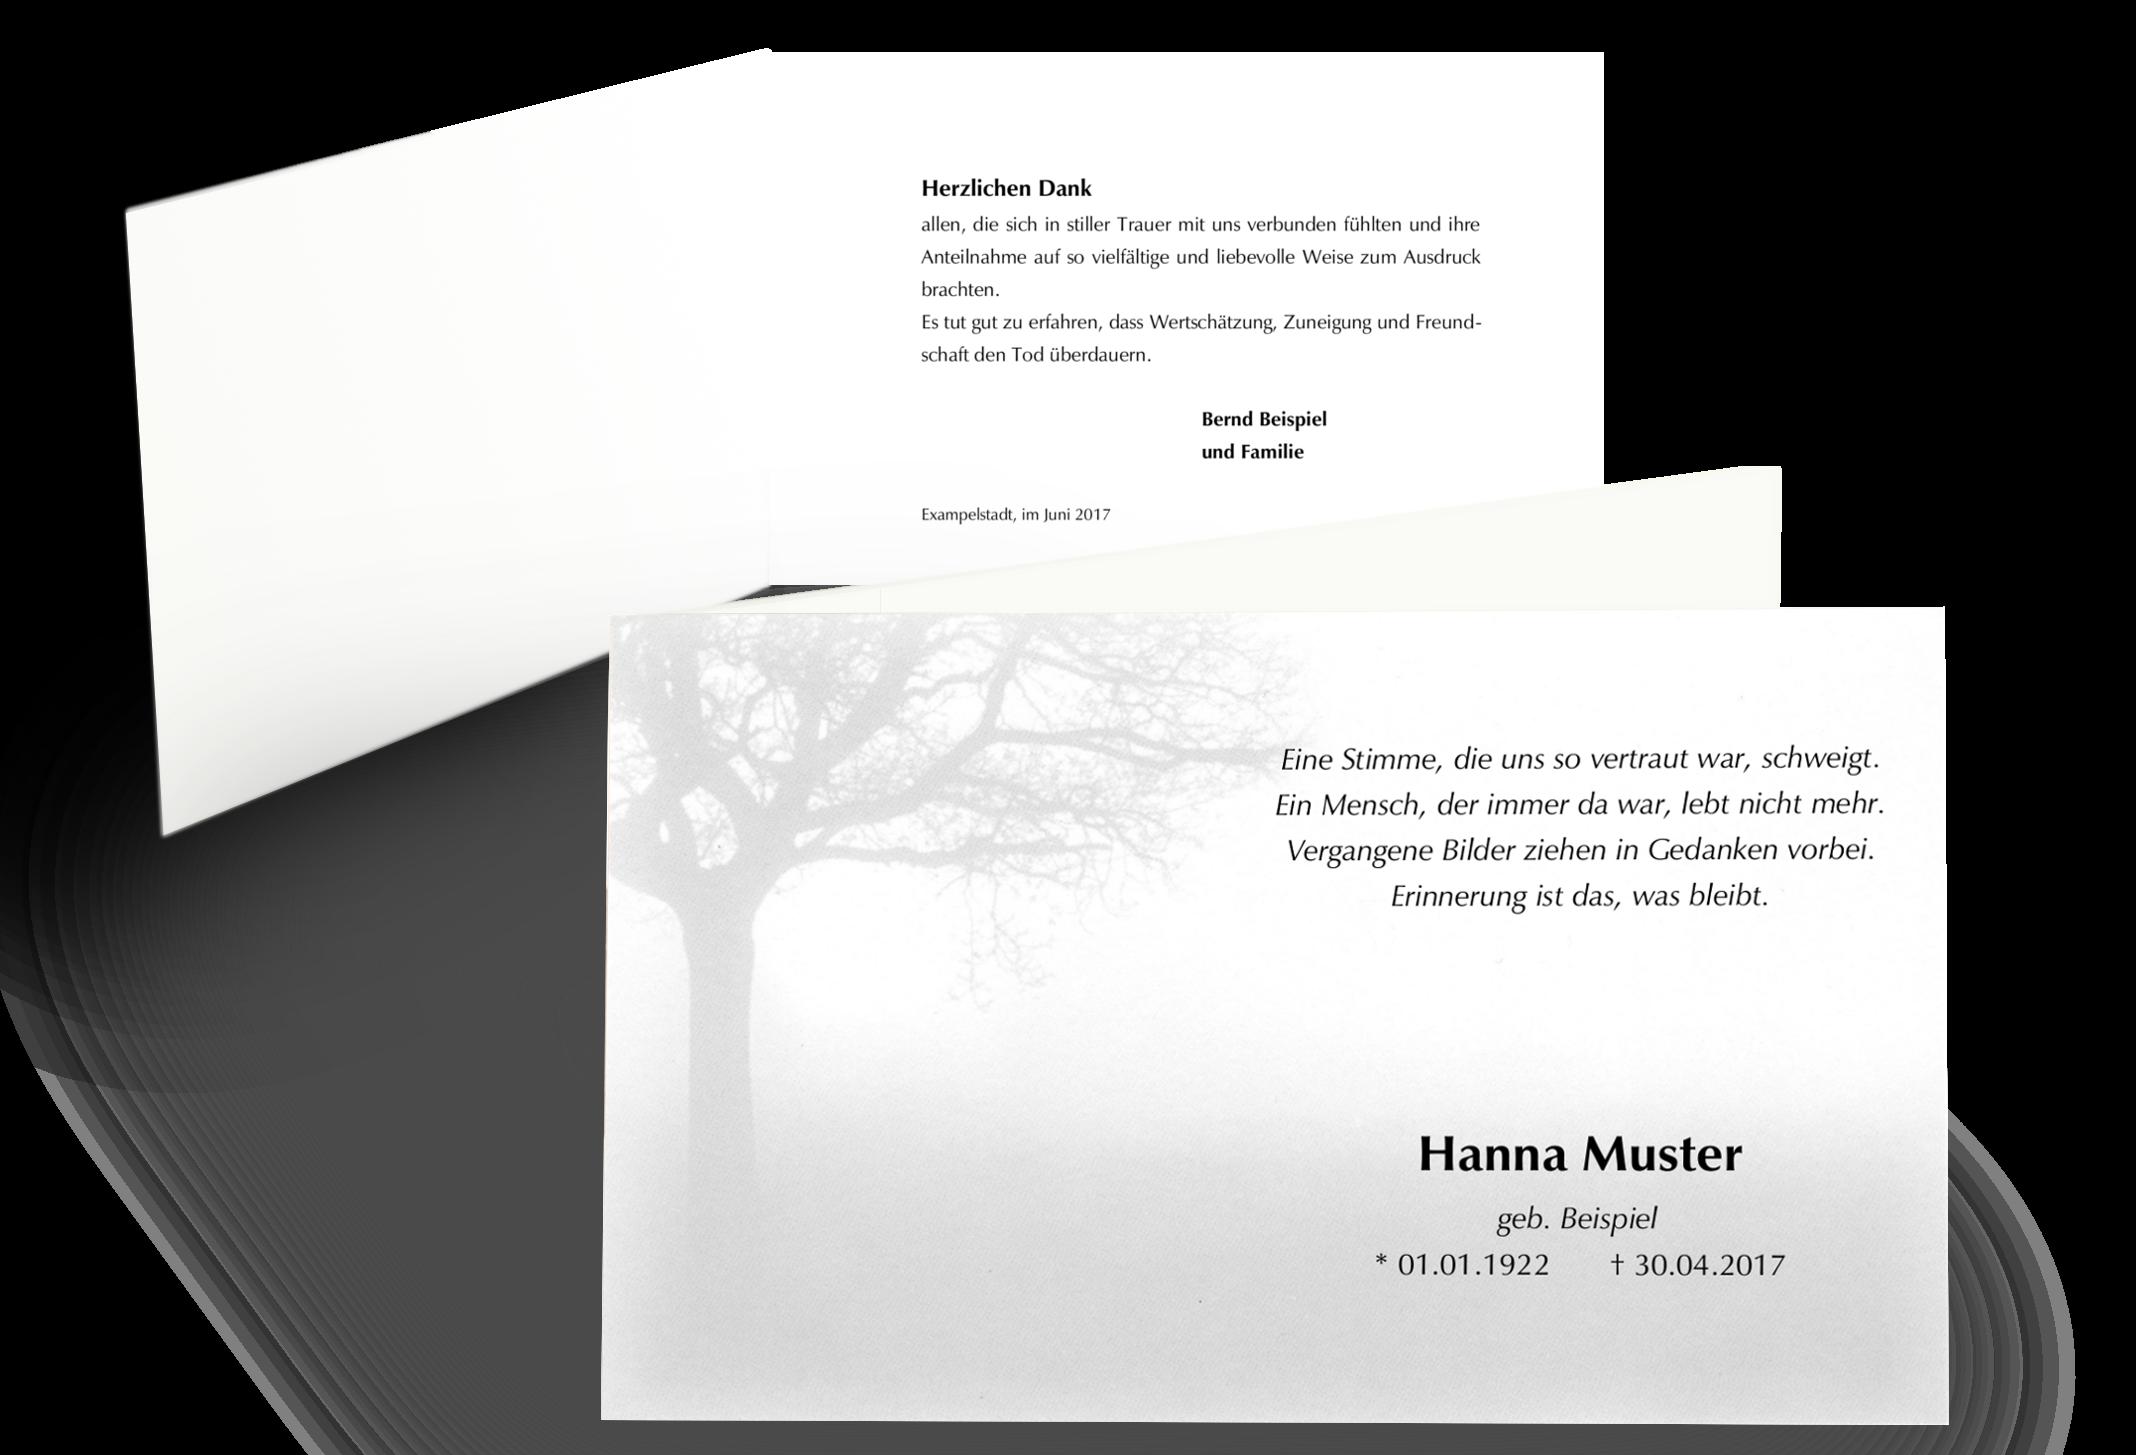 Moderne Trauerdanksagung Baum Im Nebel Klappkarte Trauerkarten Danksagung Danke Sagen Trauer